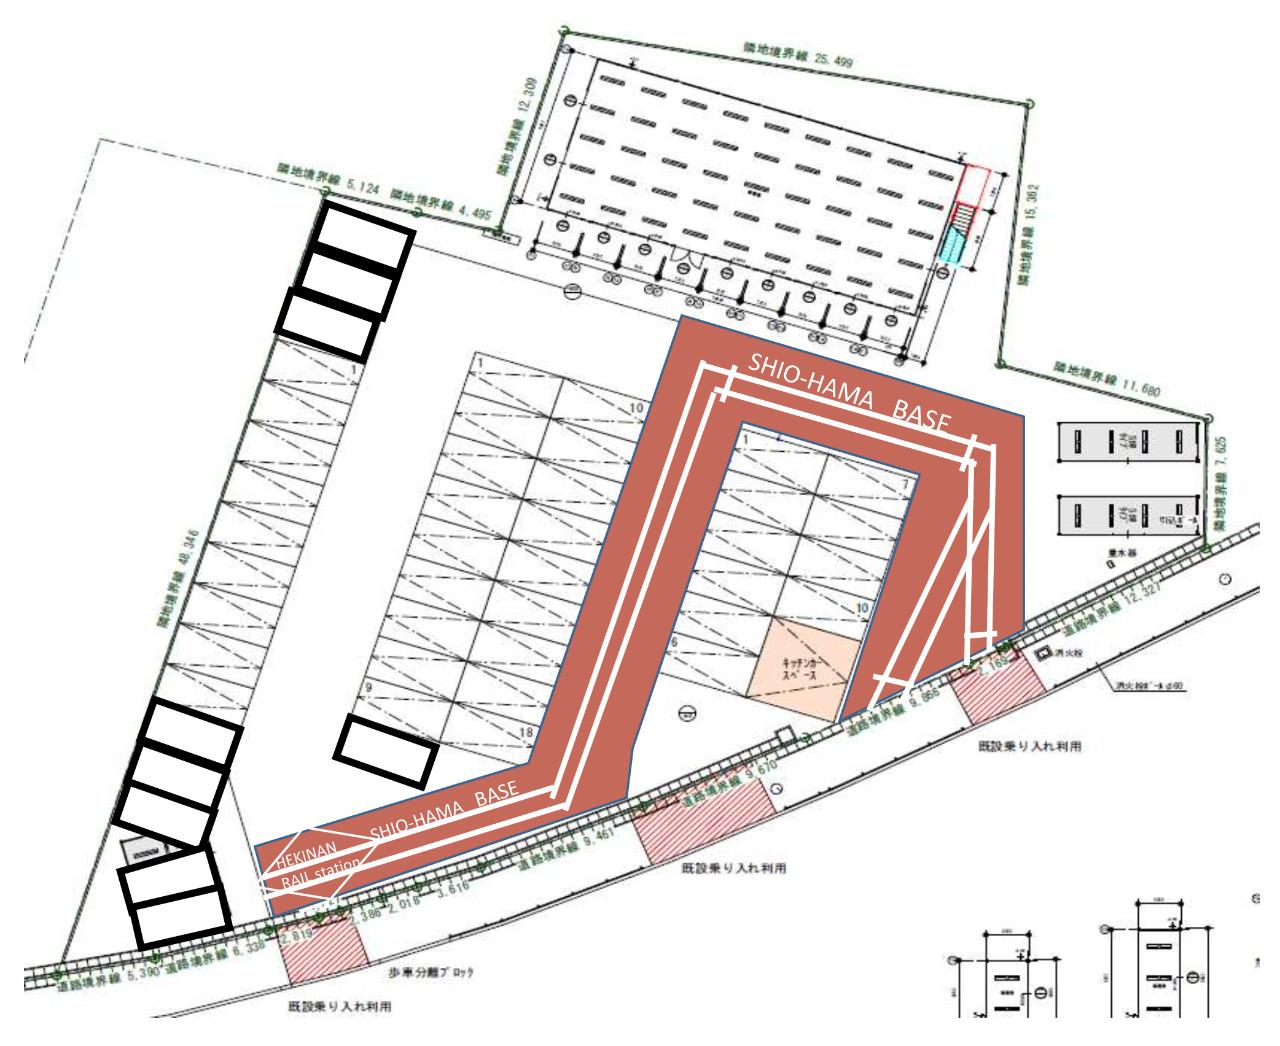 碧南レールパークをイメージした施設になる予定です(行政には申請済み)